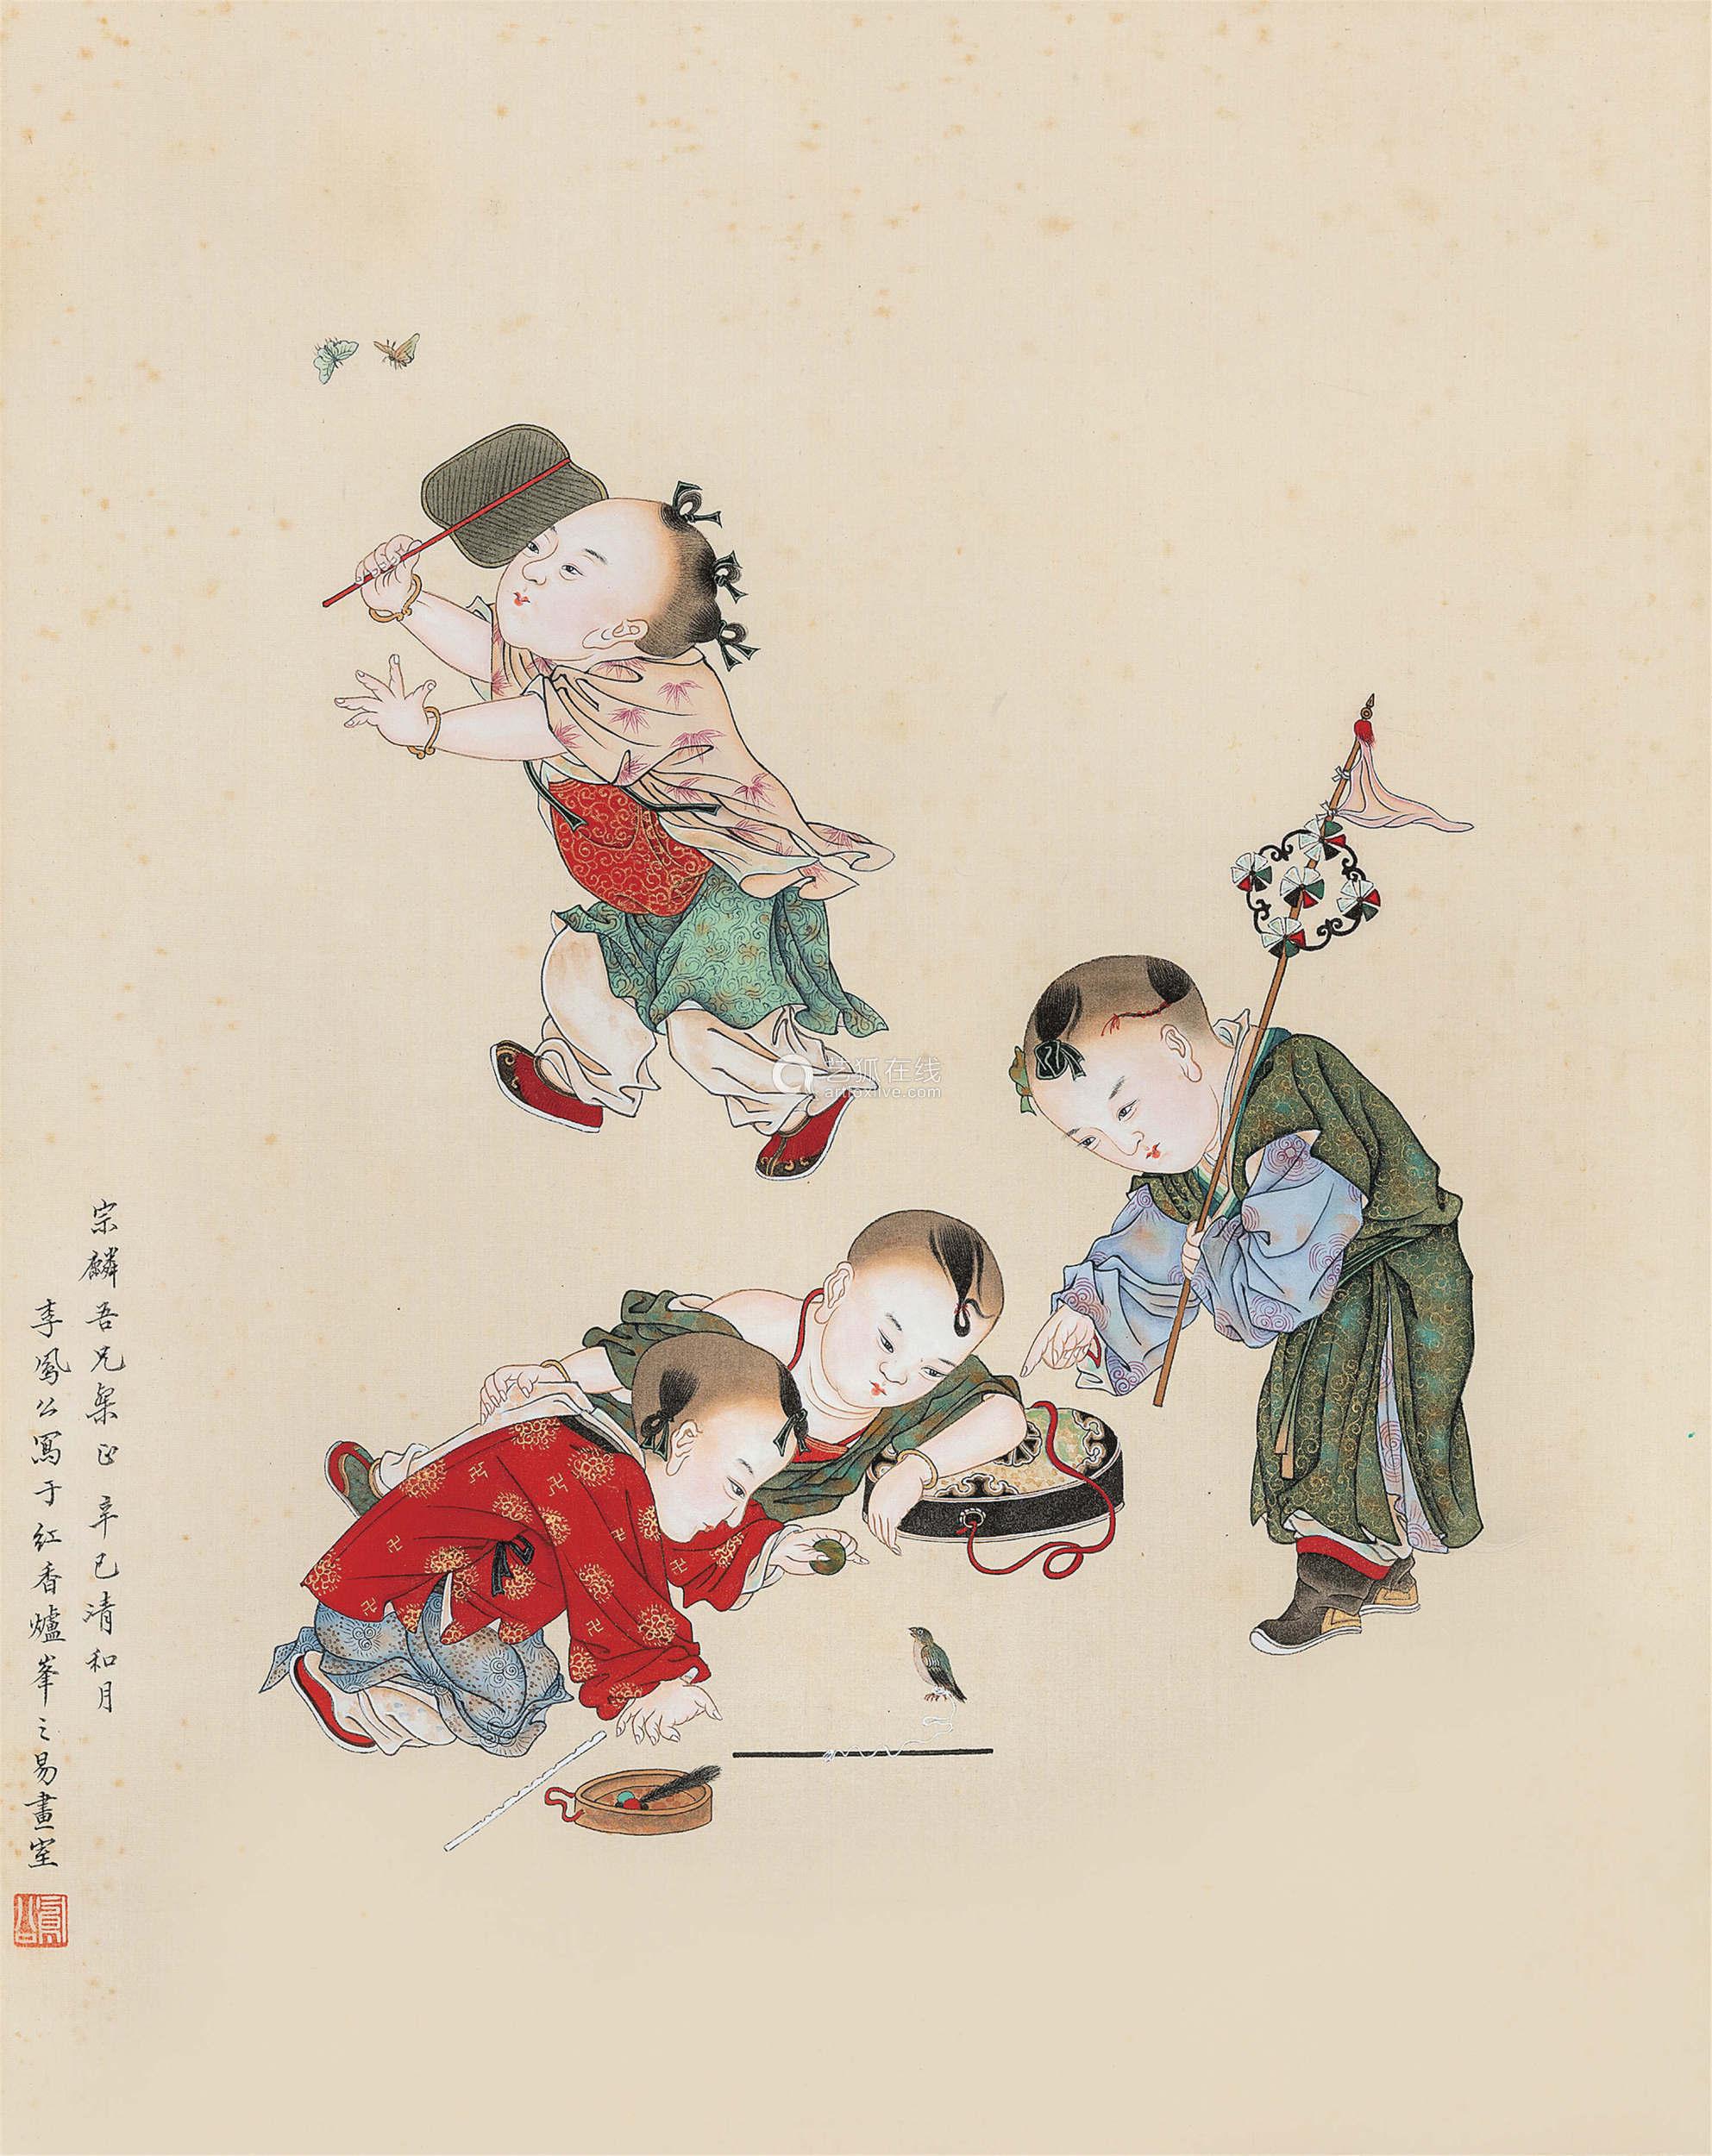 李凤廷《婴戏图》立轴